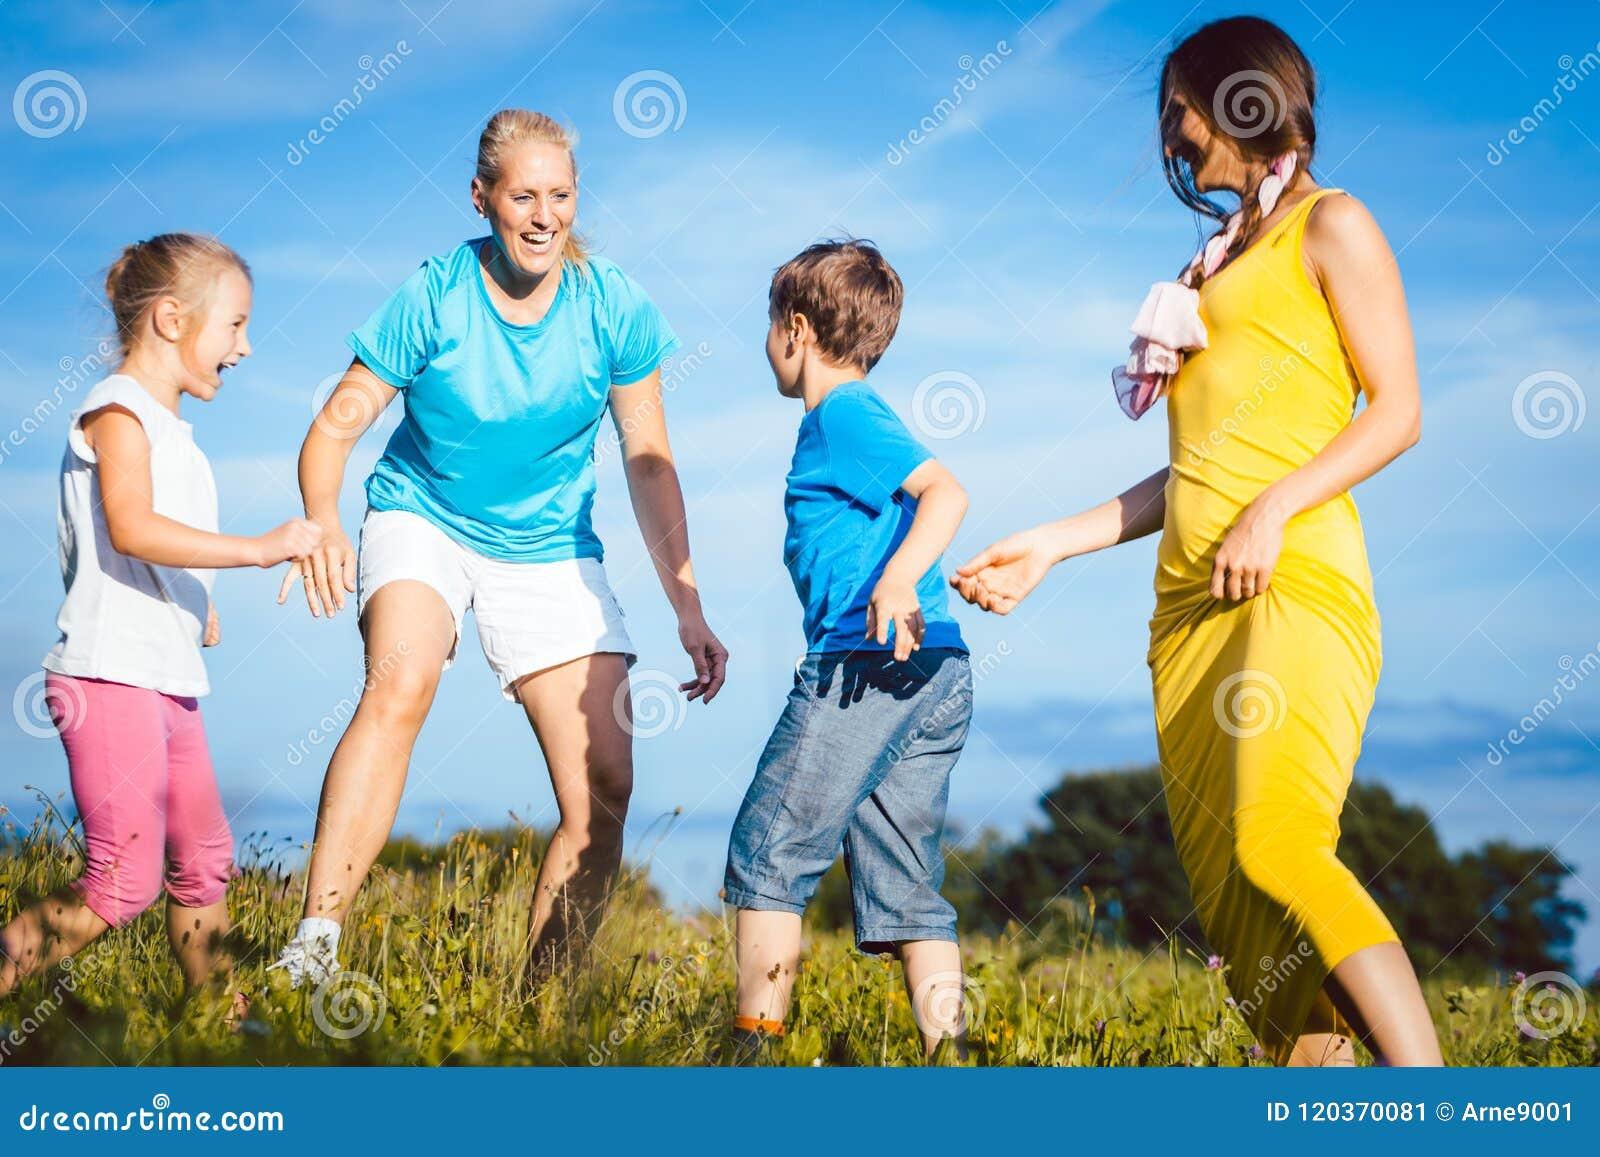 Zwei Frauen Mit Den Kindern, Die Tag Spielen Stockbild